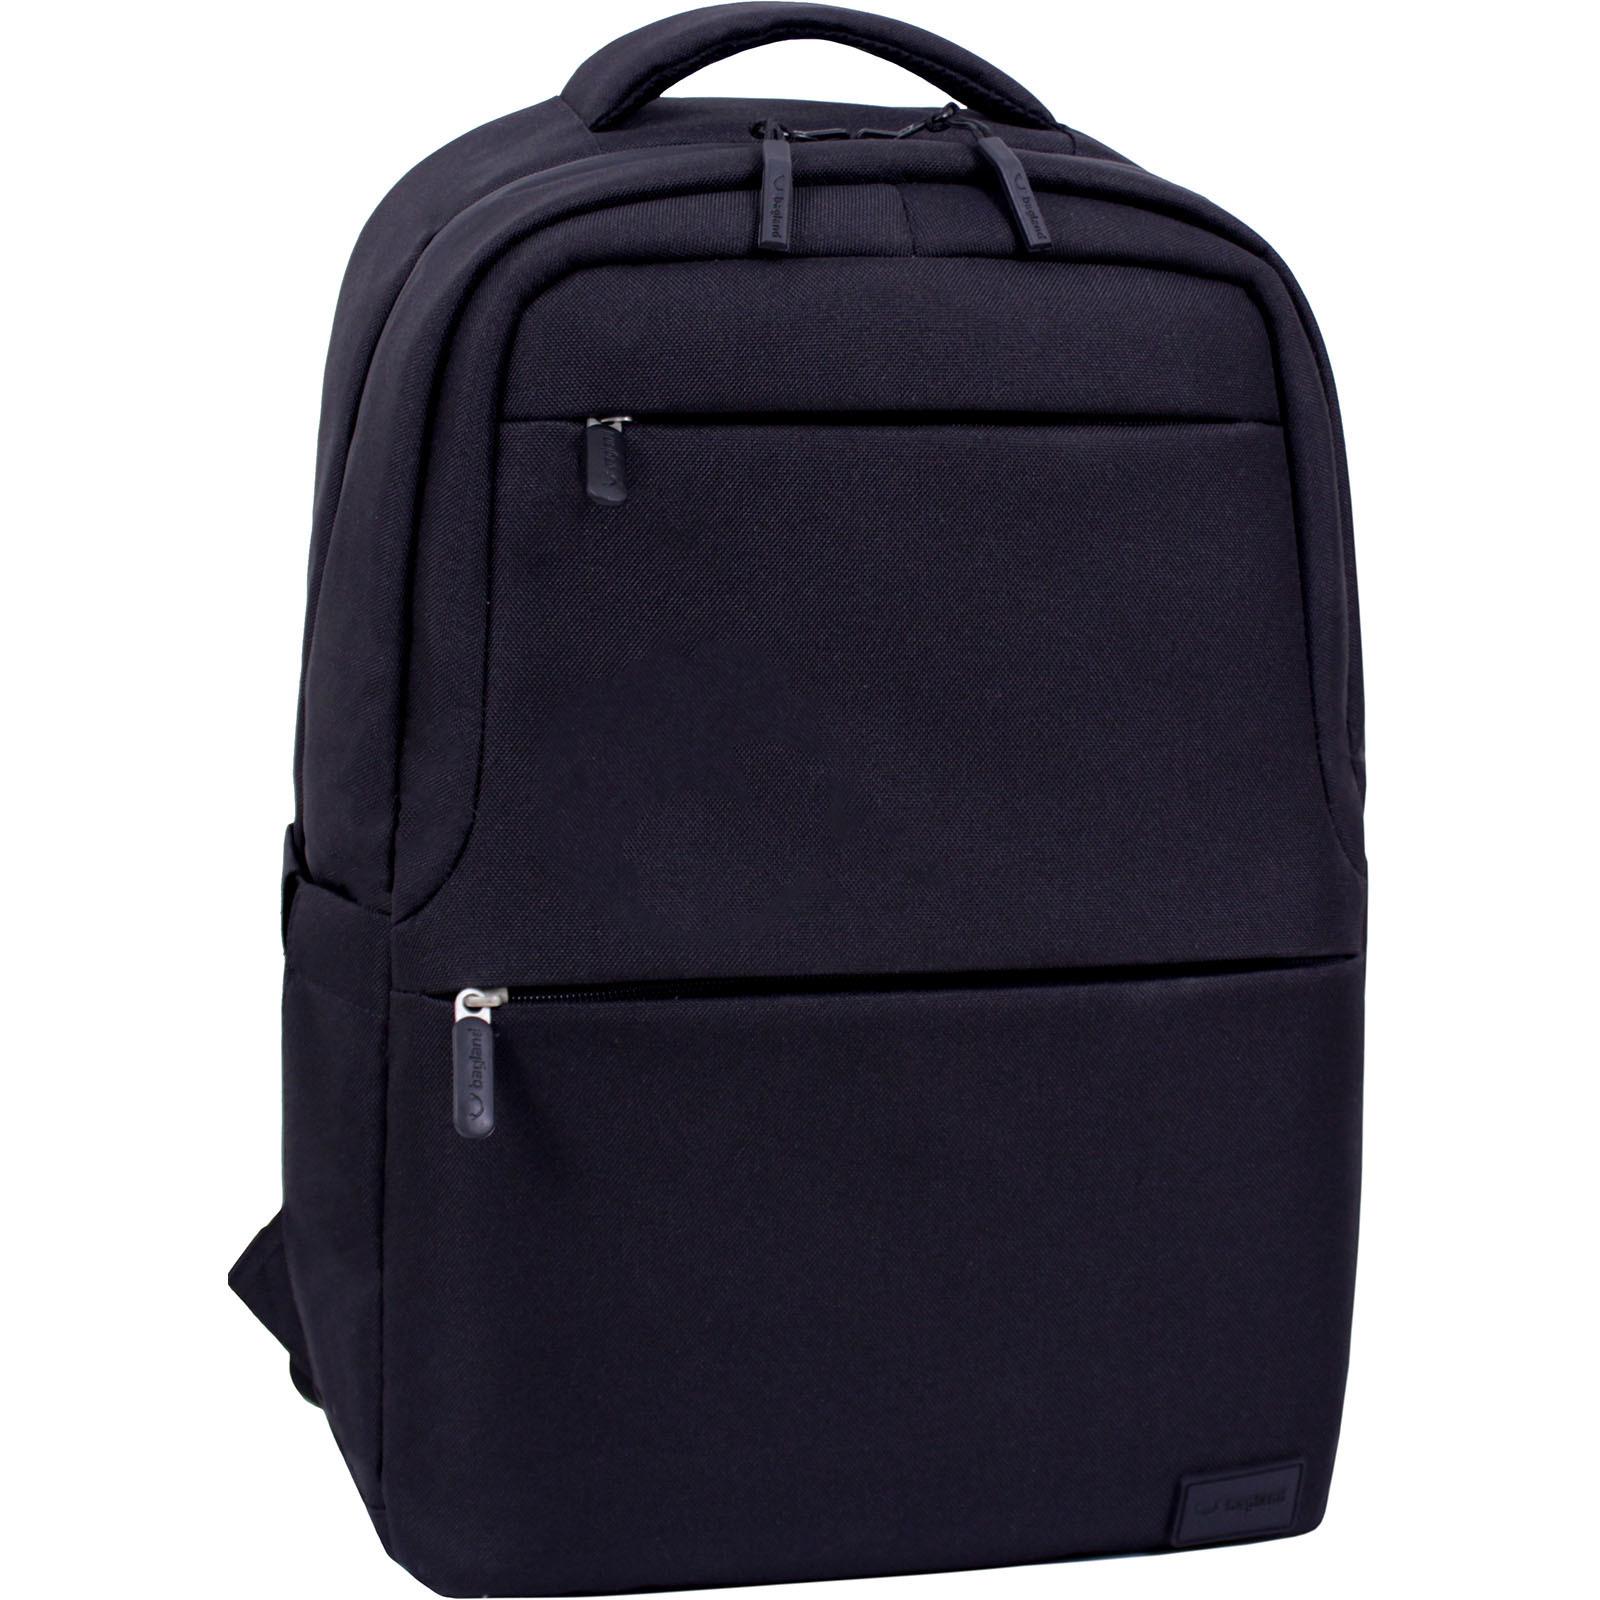 Городские рюкзаки Рюкзак Bagland Senior 17 л. черный (0013666) IMG_6729.JPG